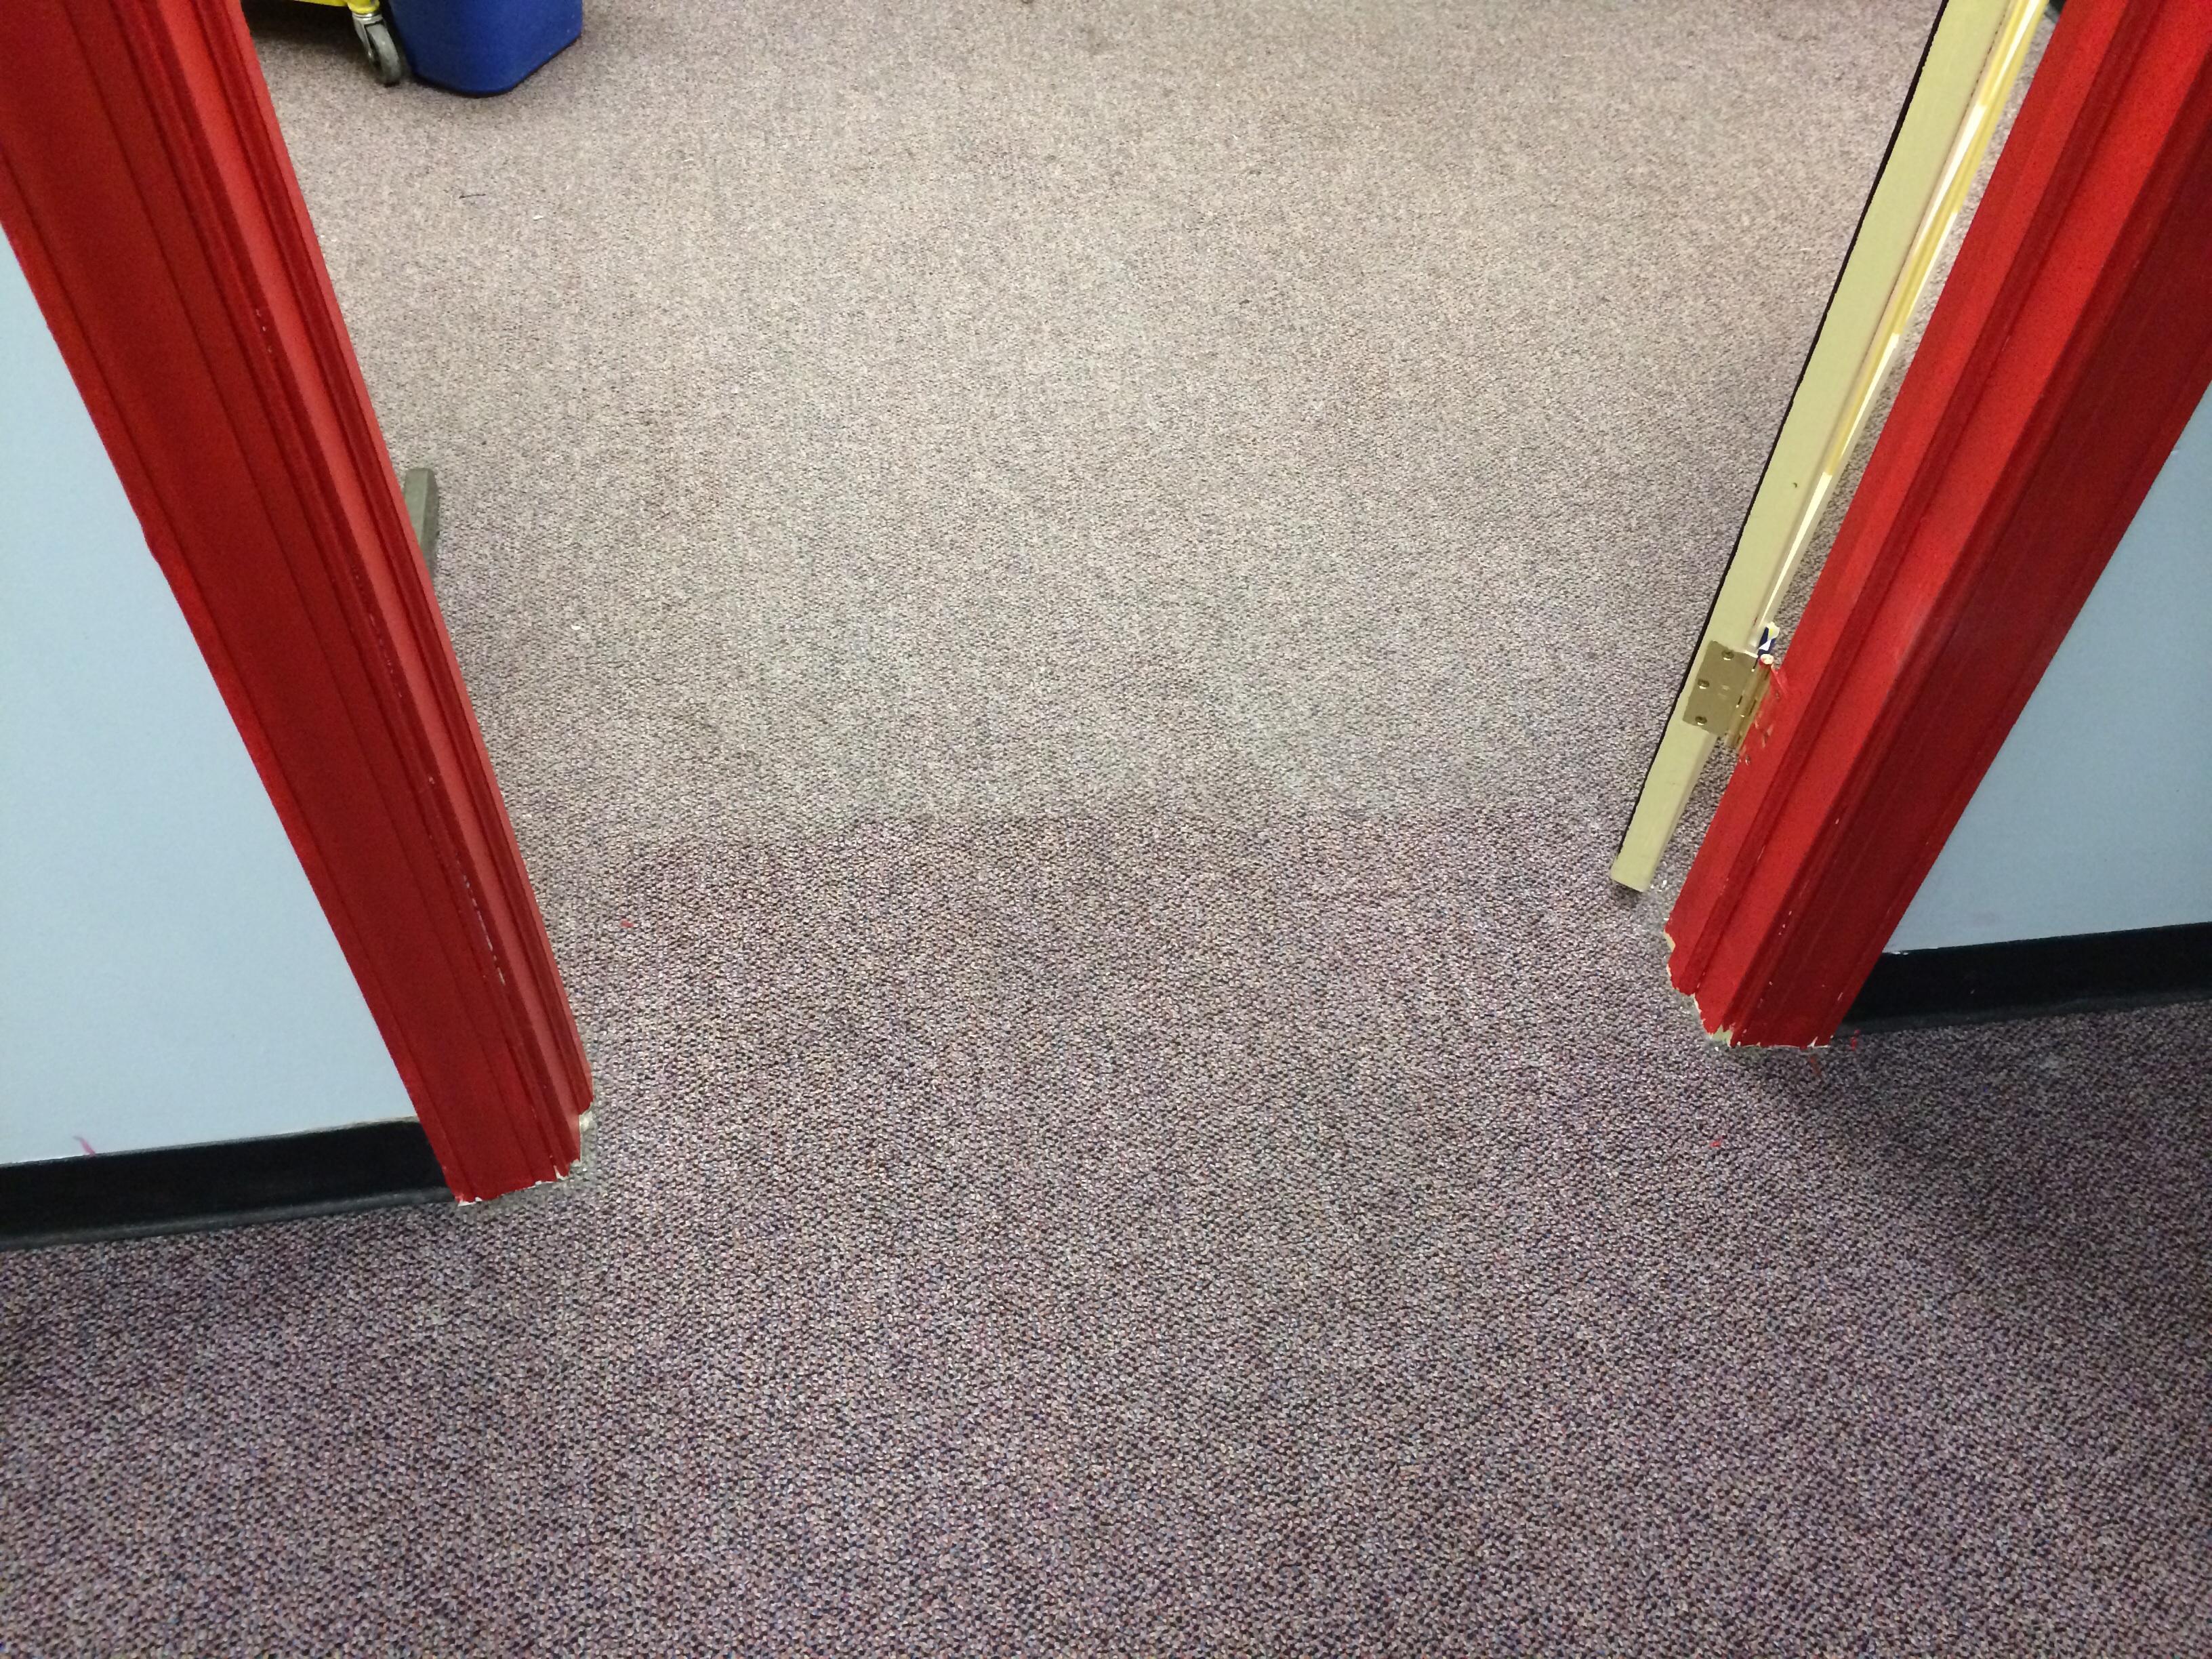 Kc Carpet Amp Upholstery Cleaners Llc Philadelphia